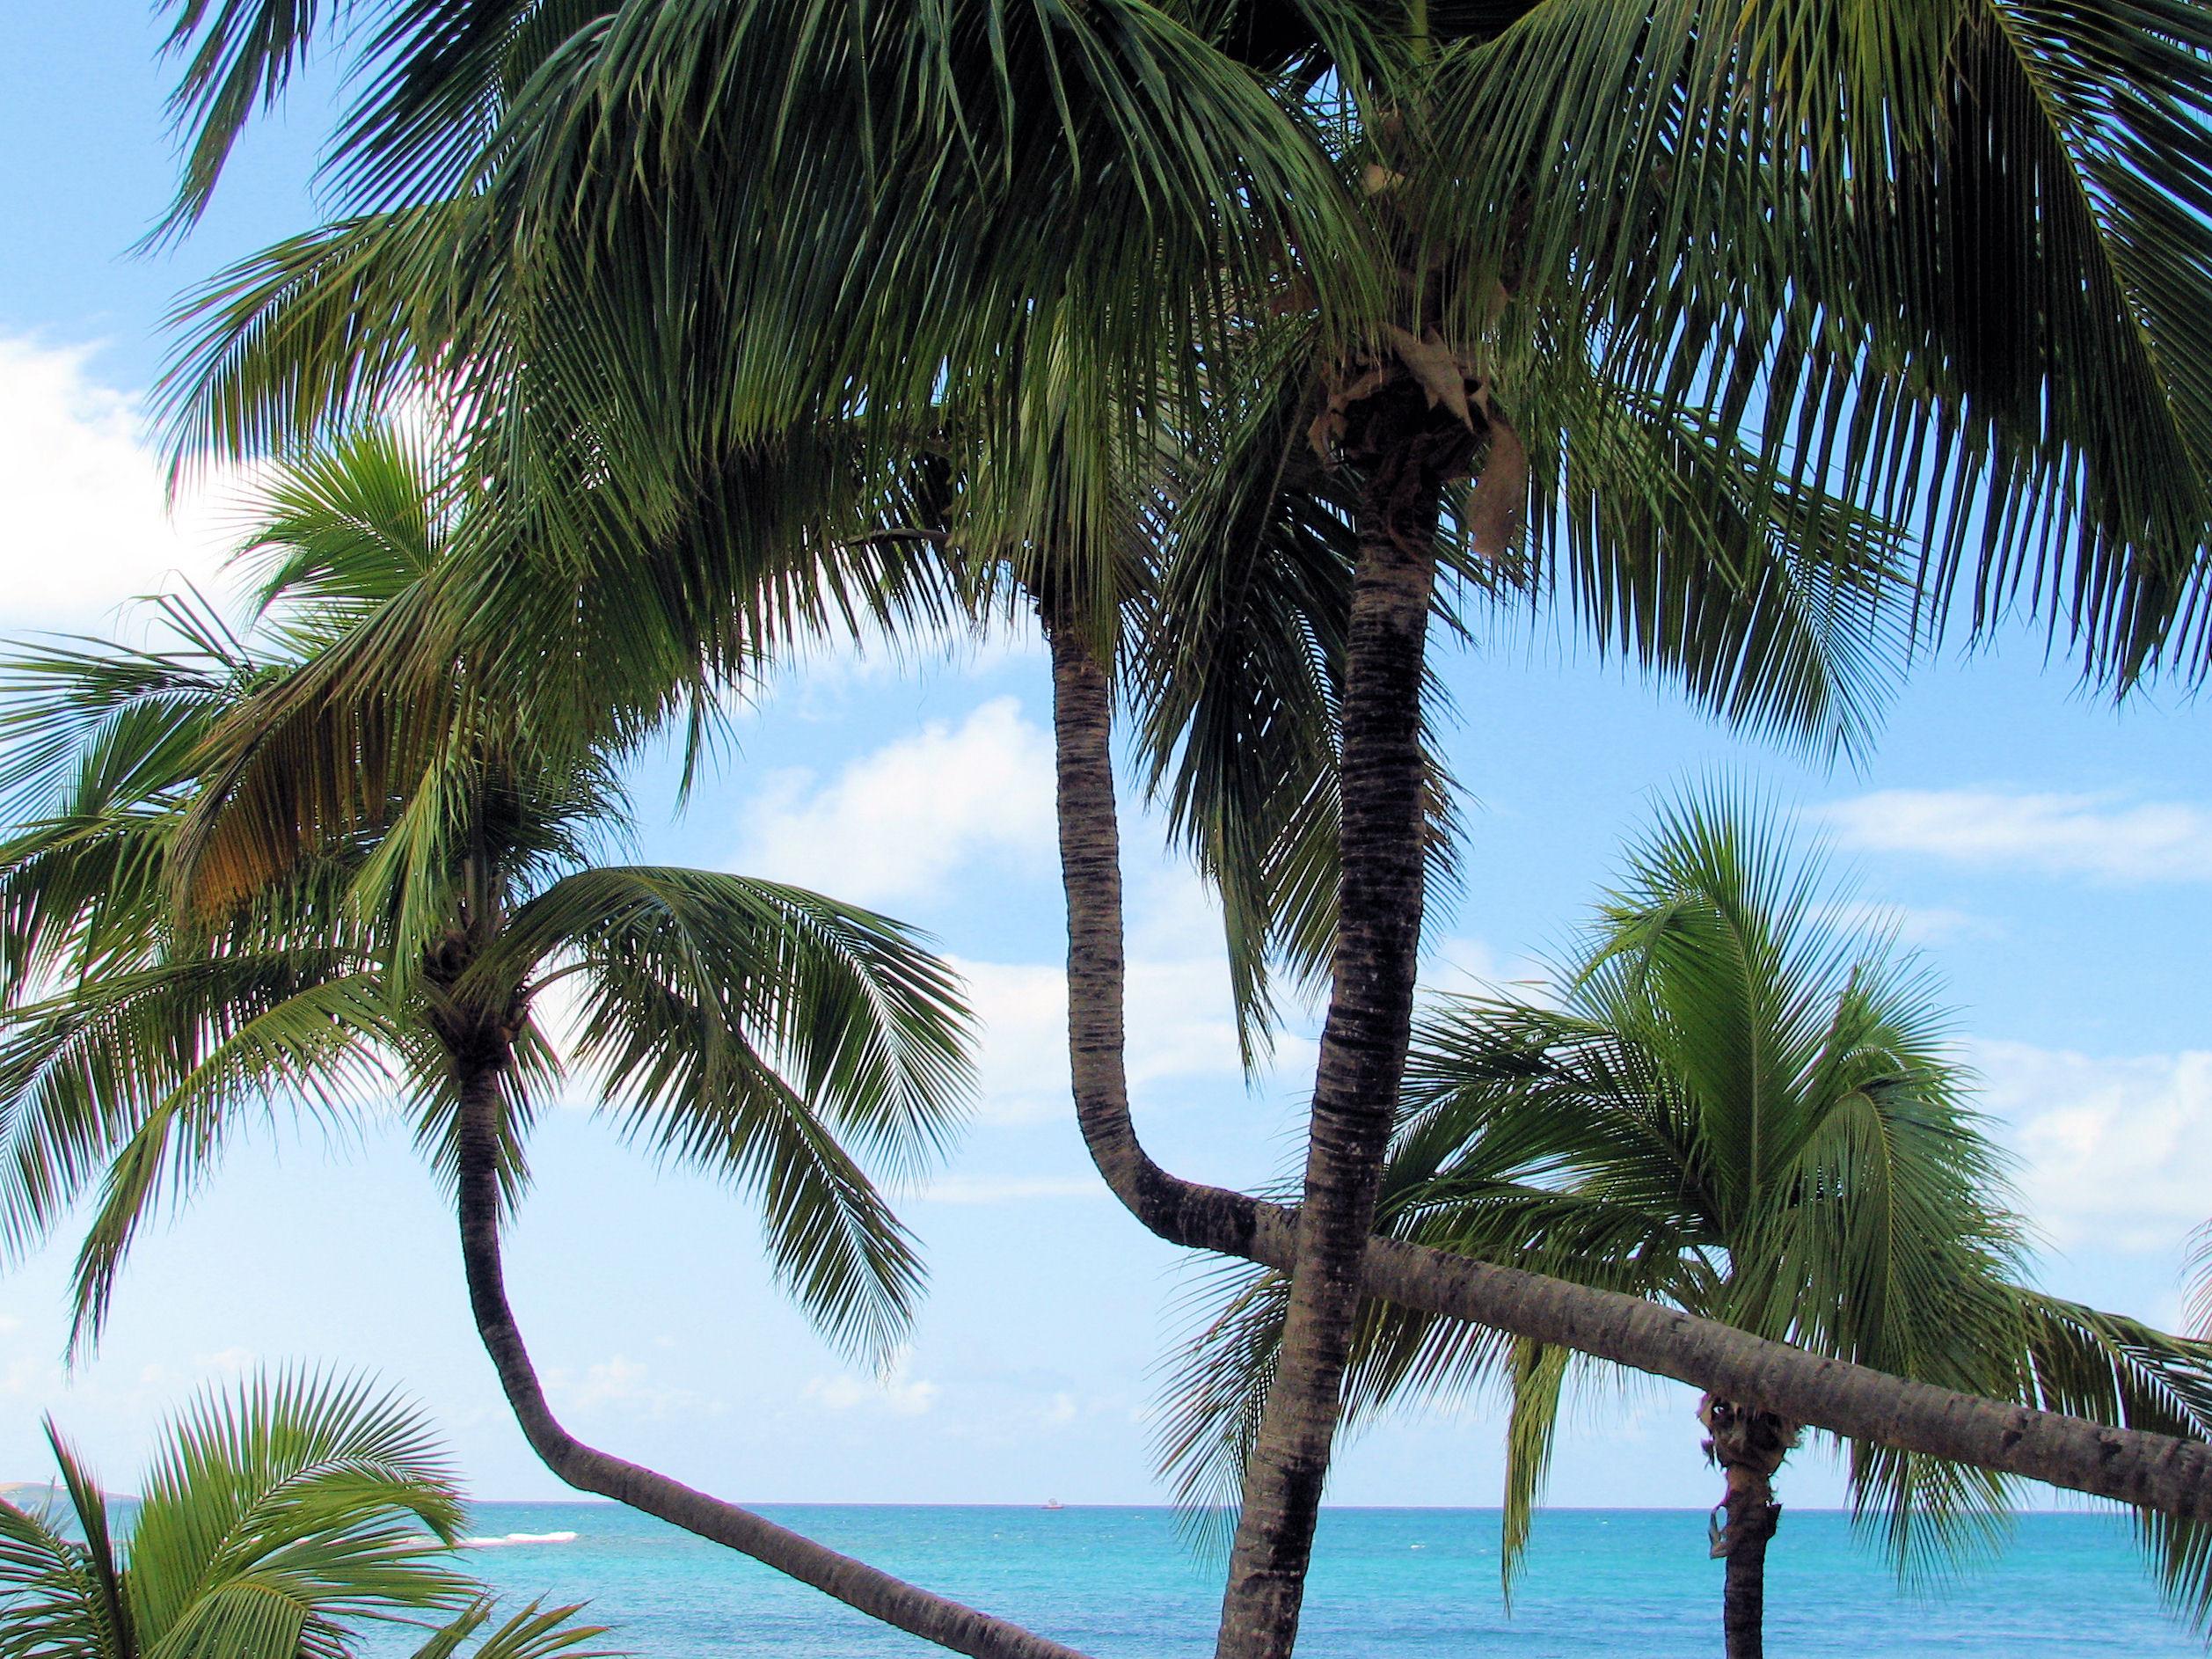 016 Palms